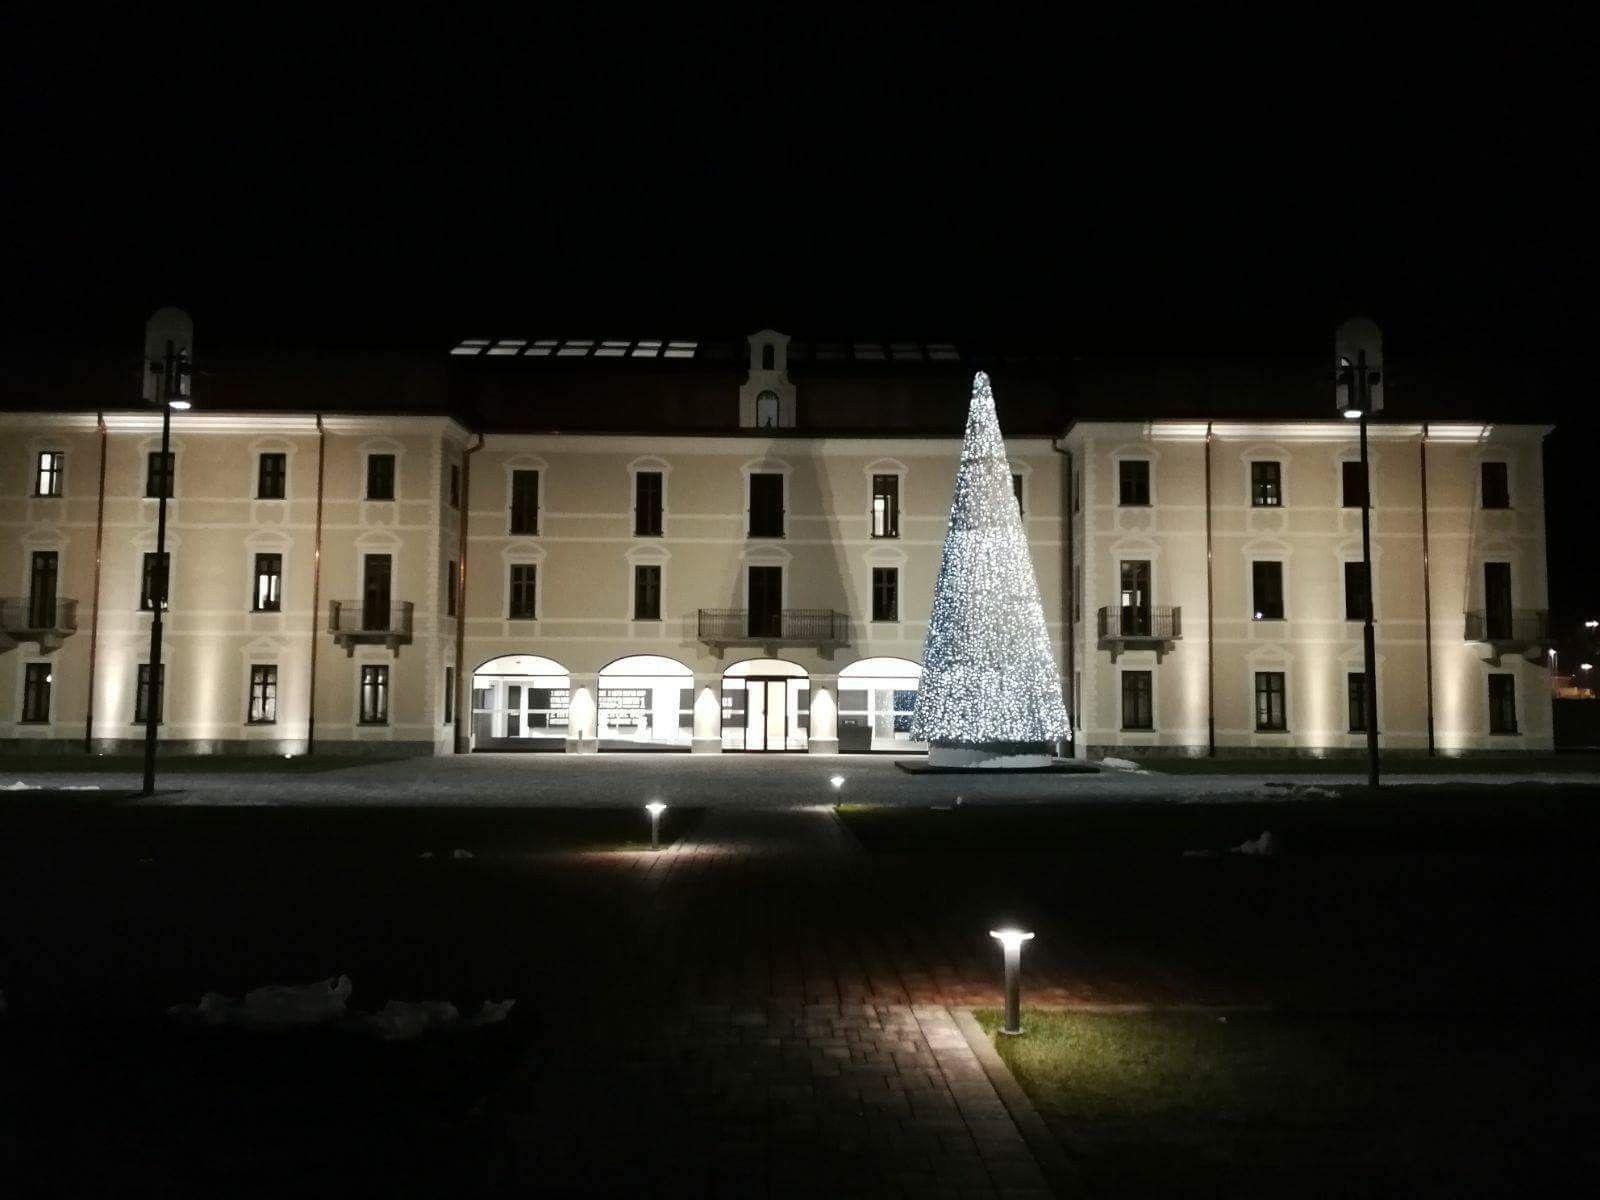 La nuova sede della Juve new Juventus s house